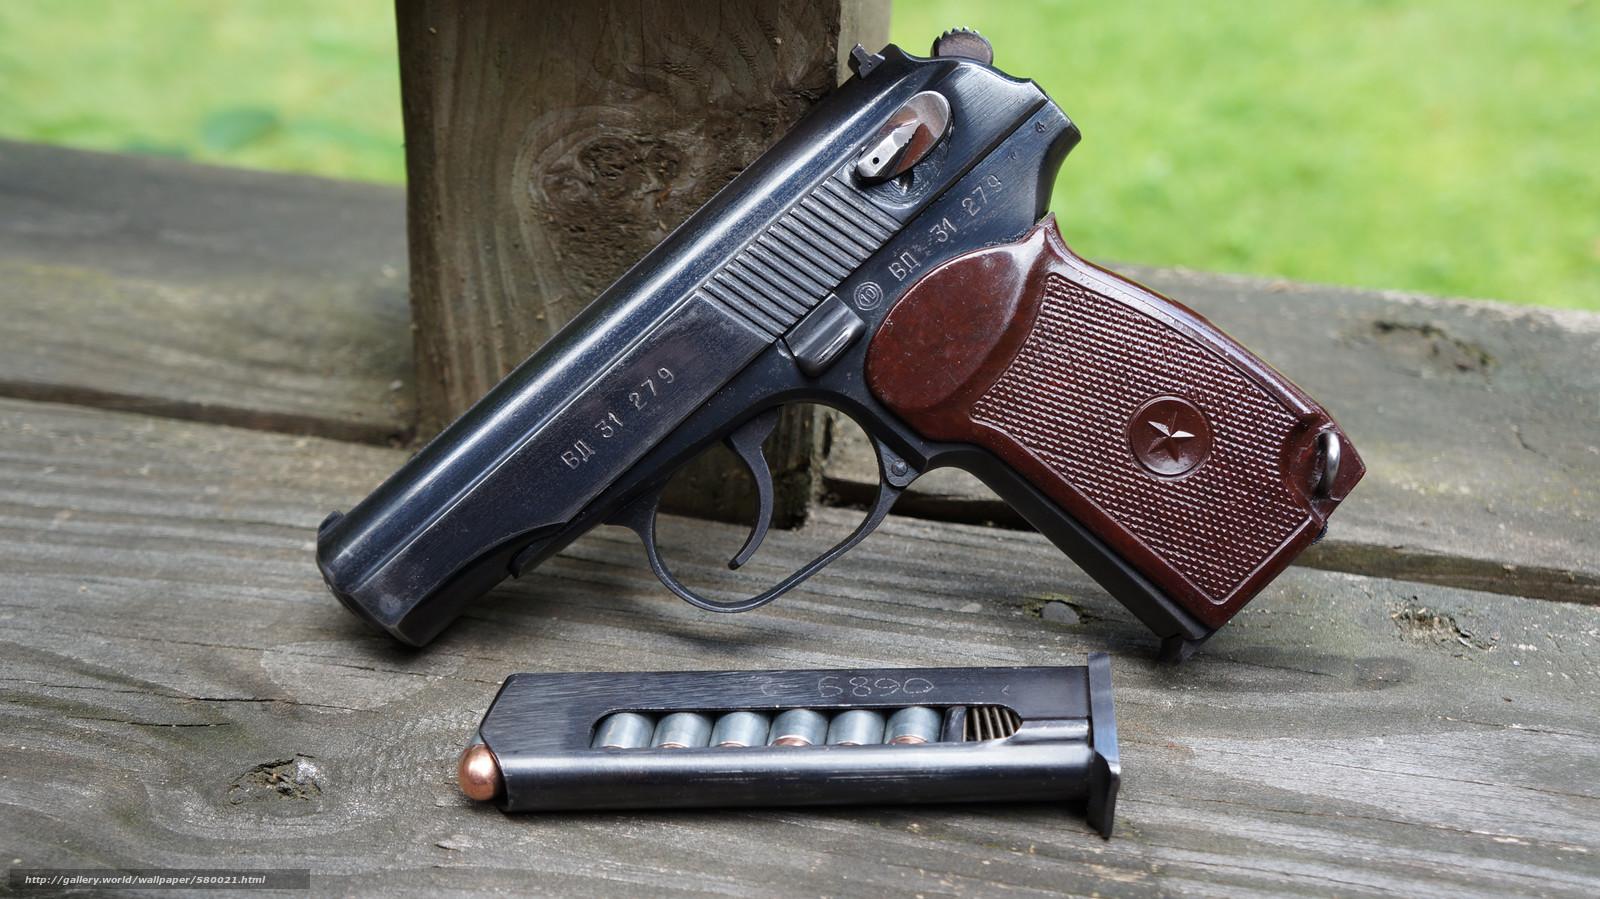 pobra tapety pistolet,  amunicja,  Makarov,  sklepie Darmowe tapety na pulpit rozdzielczoci 4912x2760 — zdjcie №580021